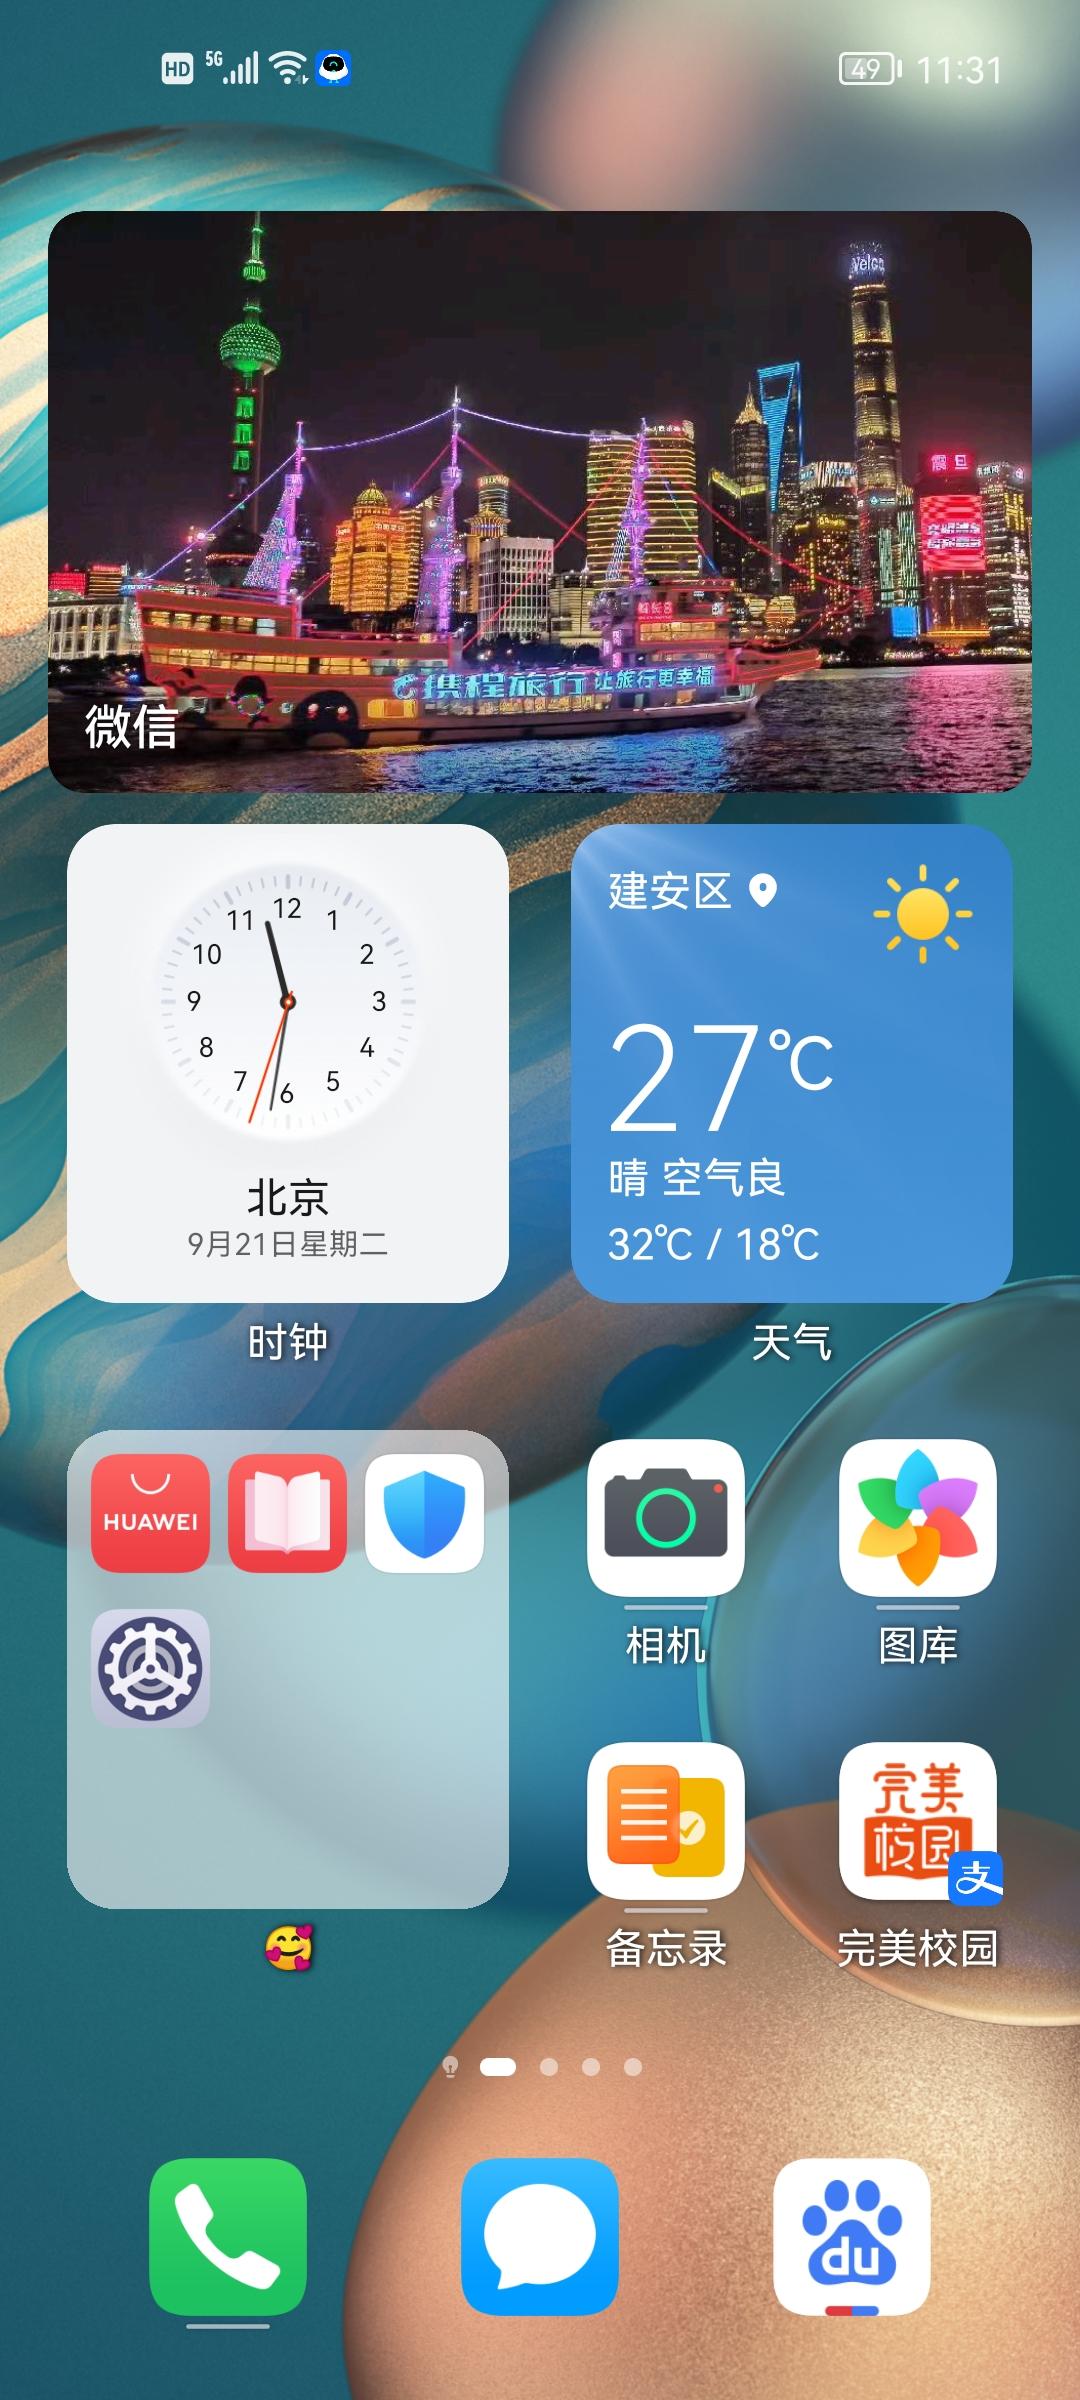 Screenshot_20210921_113133_com.huawei.android.launcher.jpg